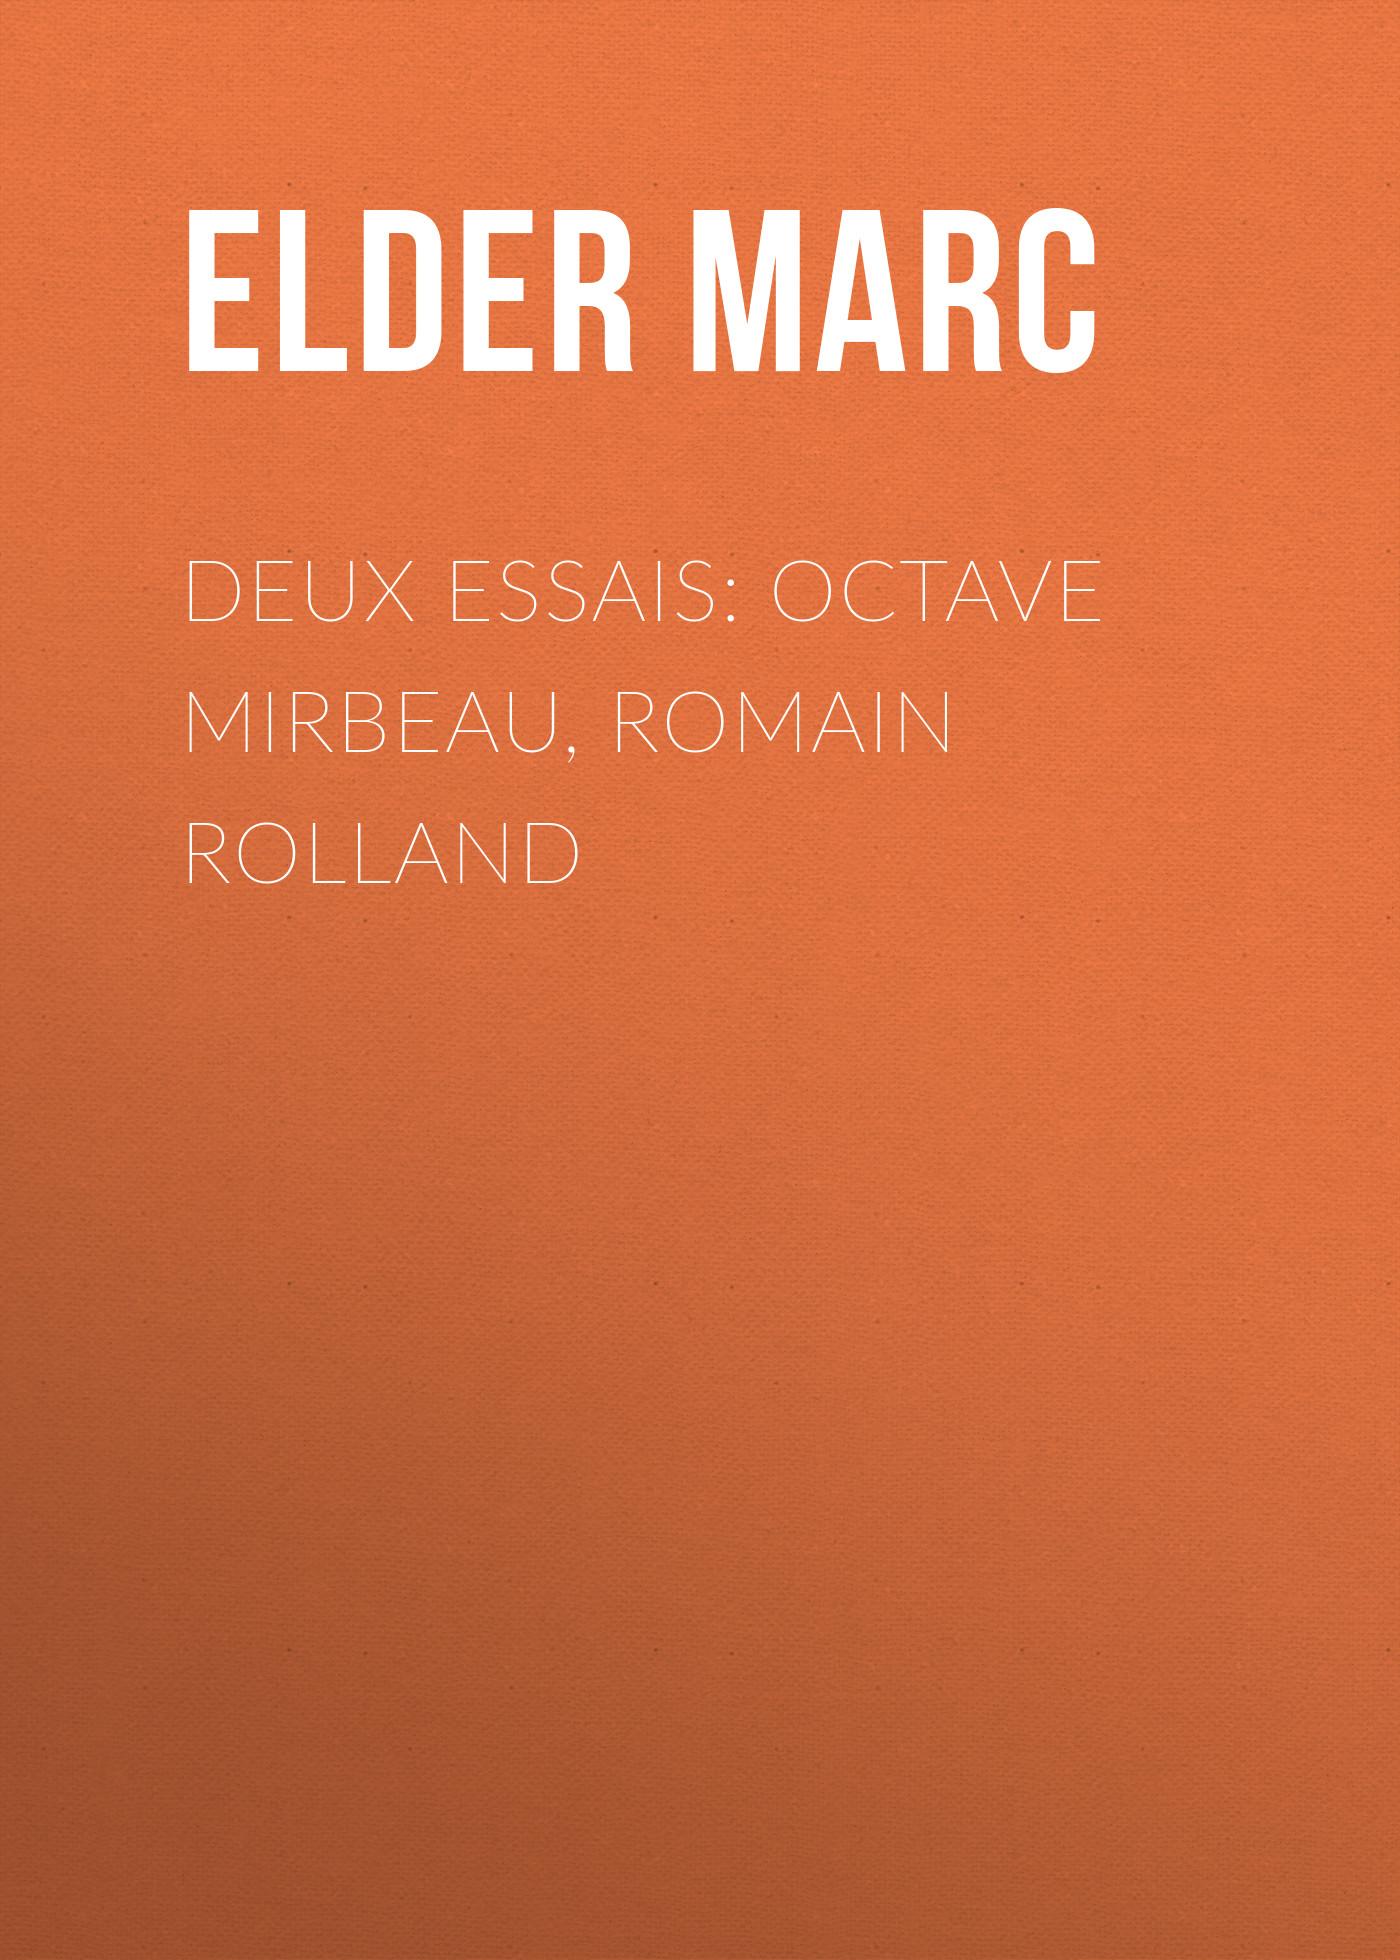 Elder Marc Deux essais: Octave Mirbeau, Romain Rolland цена и фото